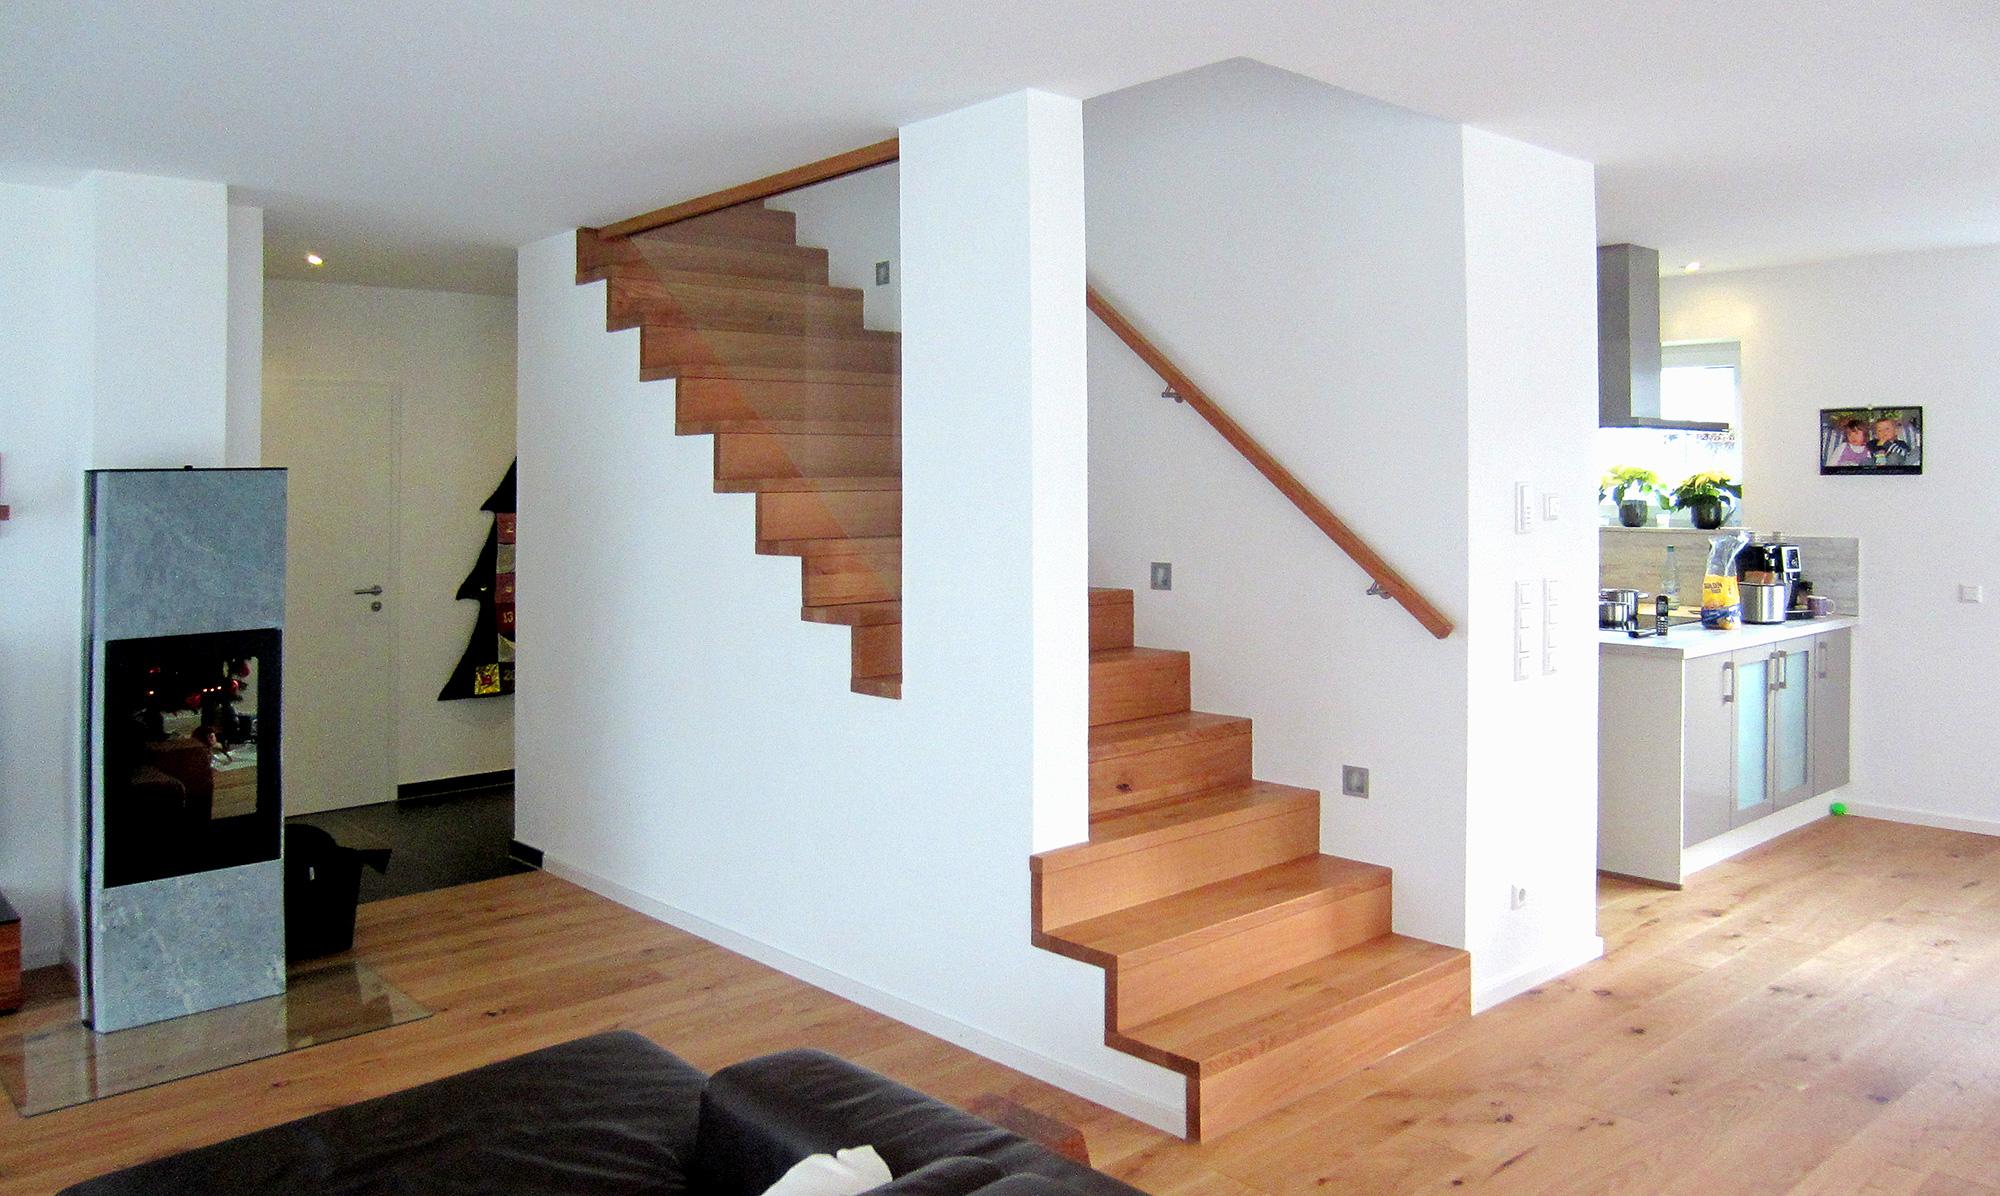 Holzstufen auf Betontreppe - Massive Treppenstufen aus Holz